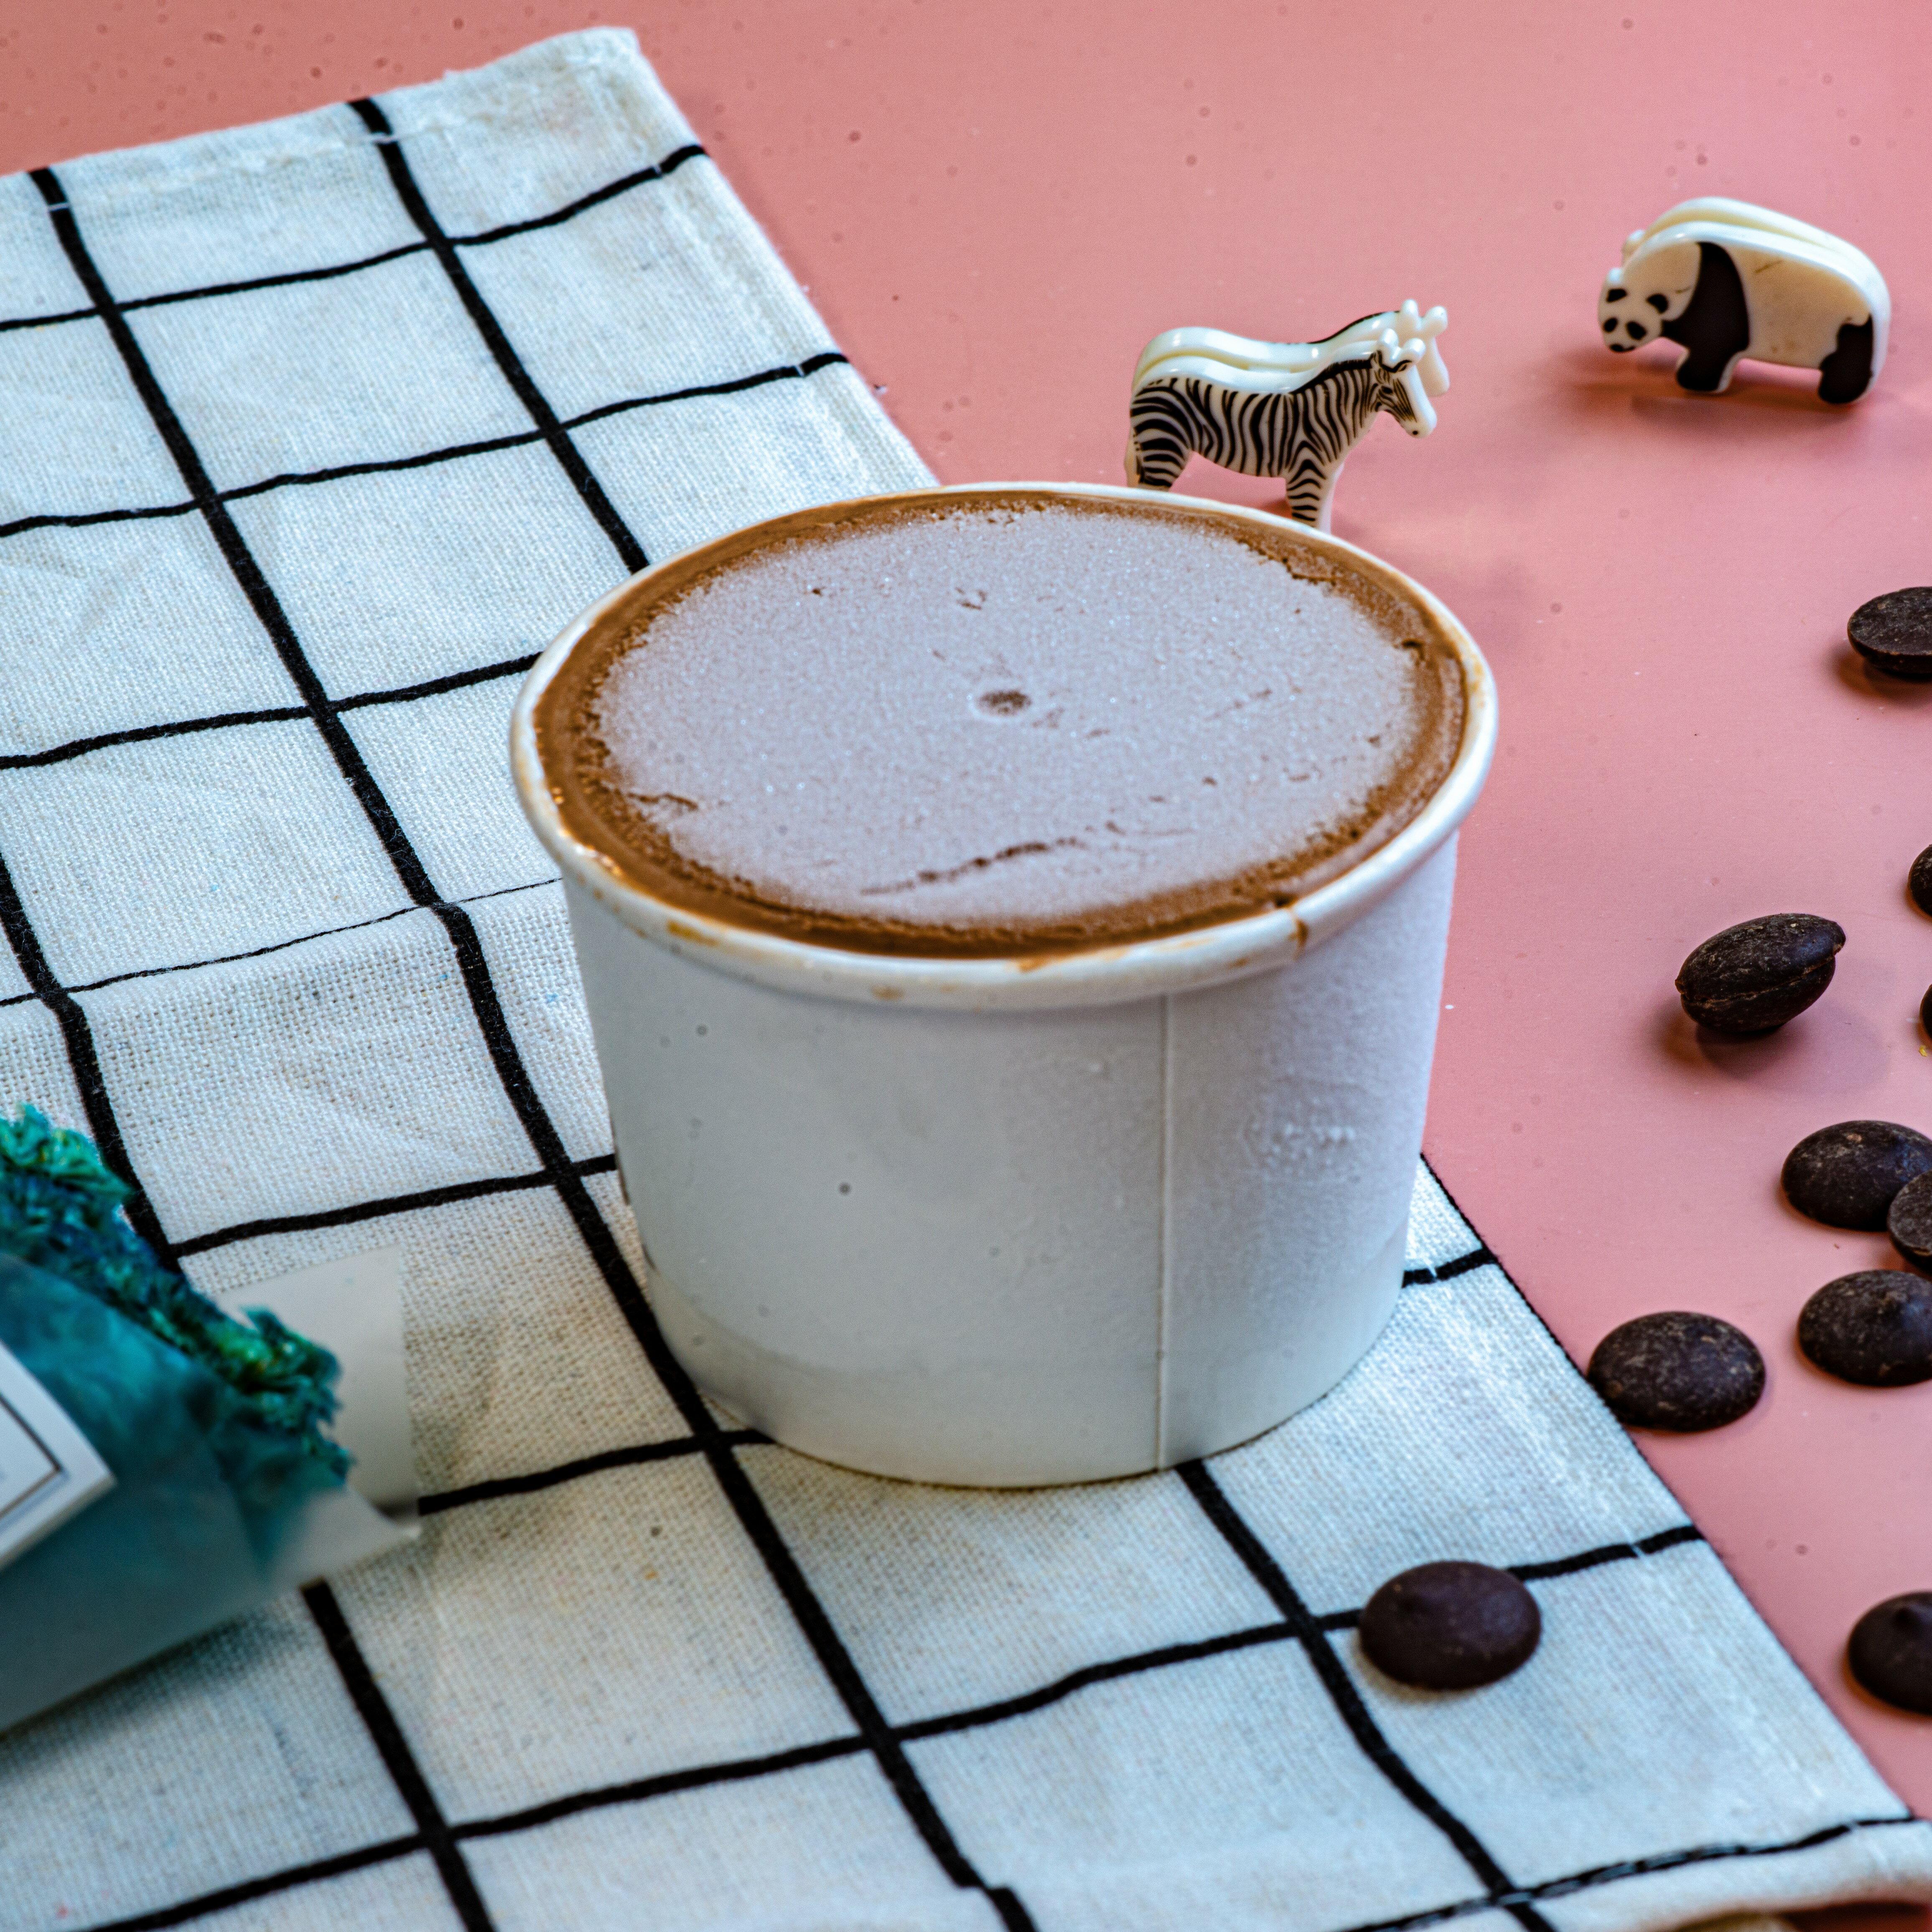 80%苦甜巧克力冰淇淋